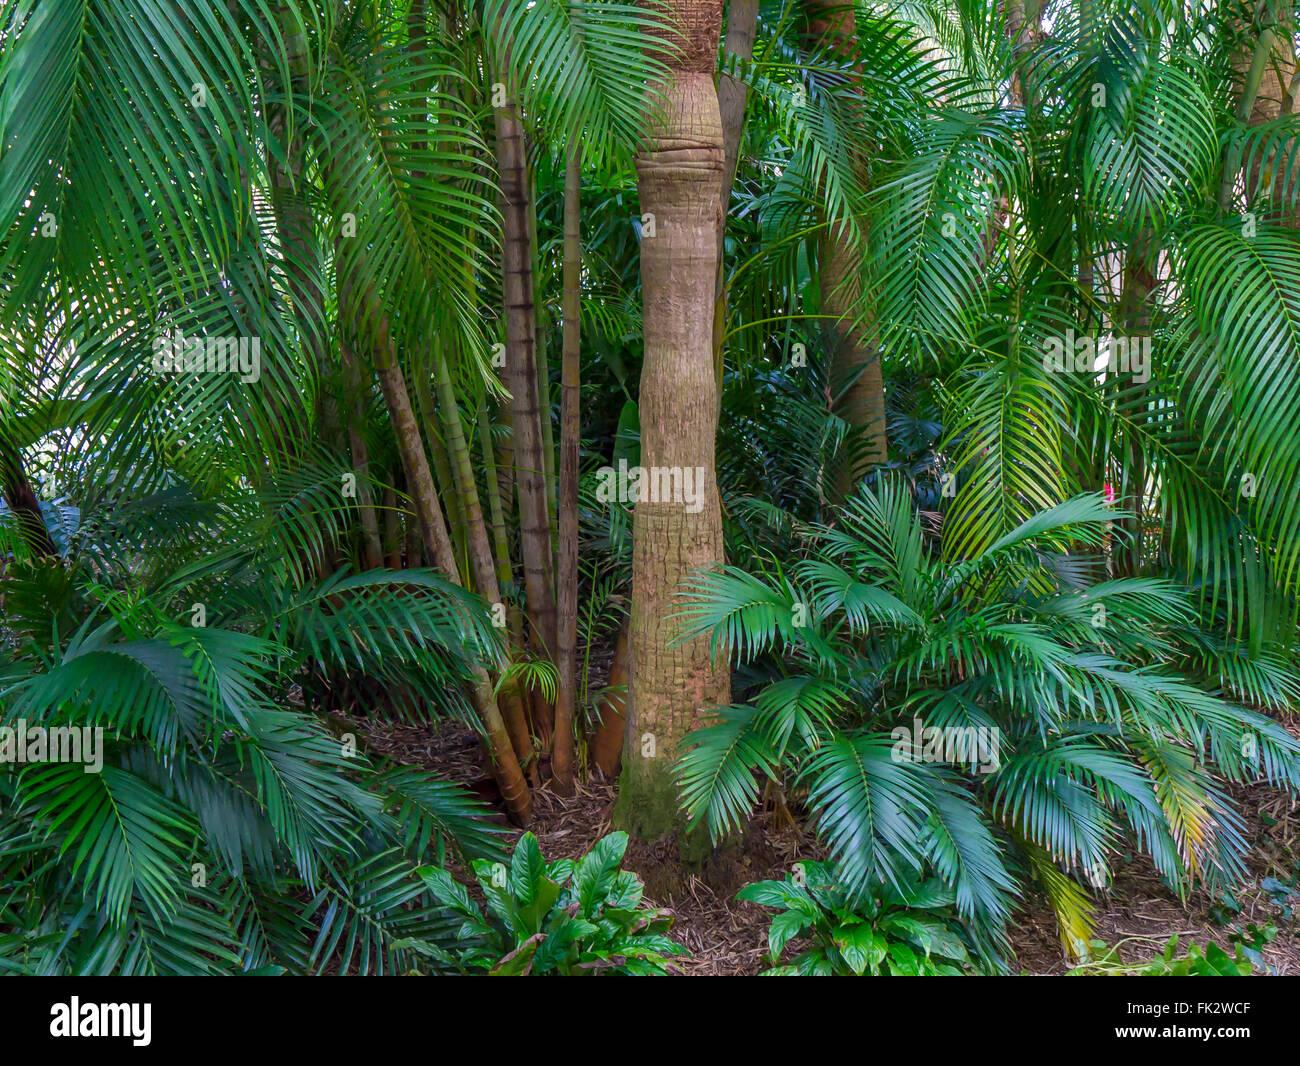 Tropical plants in Sunken Gardens in St Petersburg Florida - Stock Image